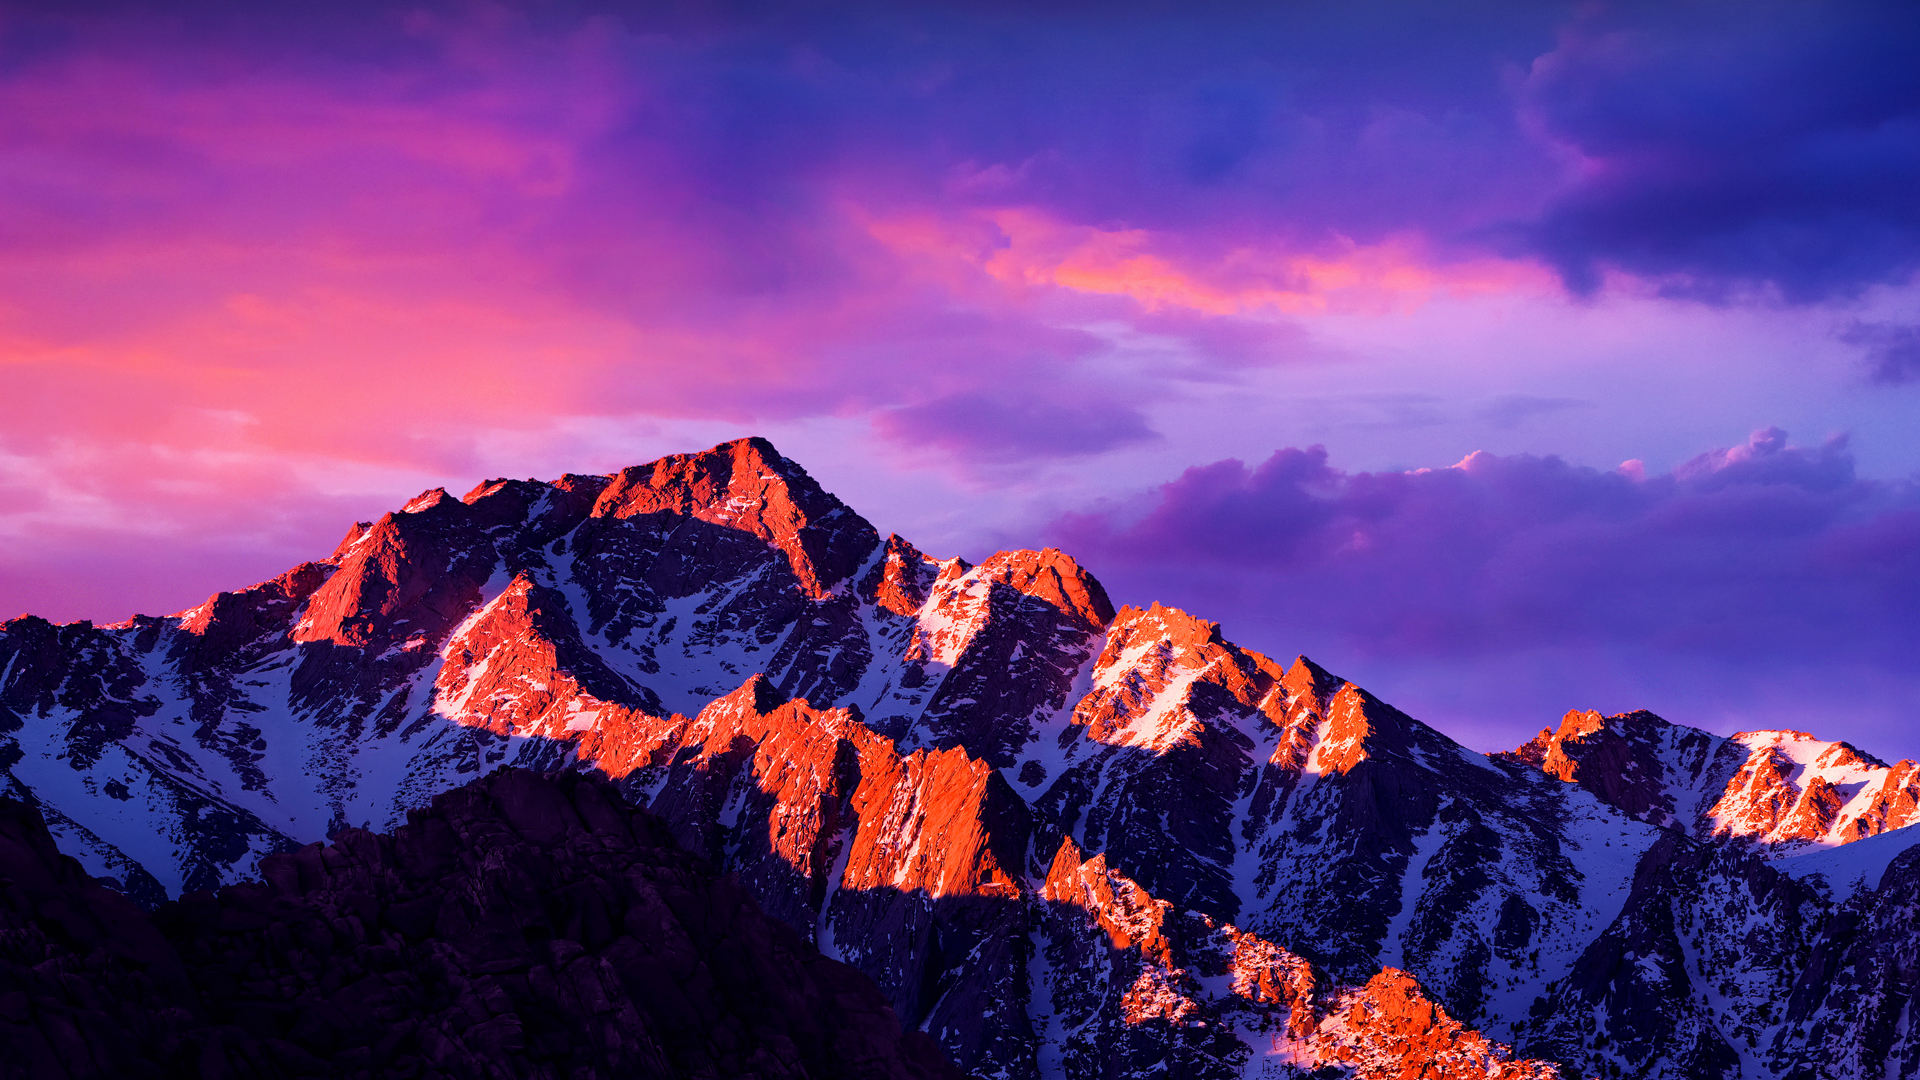 Os X High Sierra Wallpaper 4k Mac Os Sierra Wallpaper 4k 30